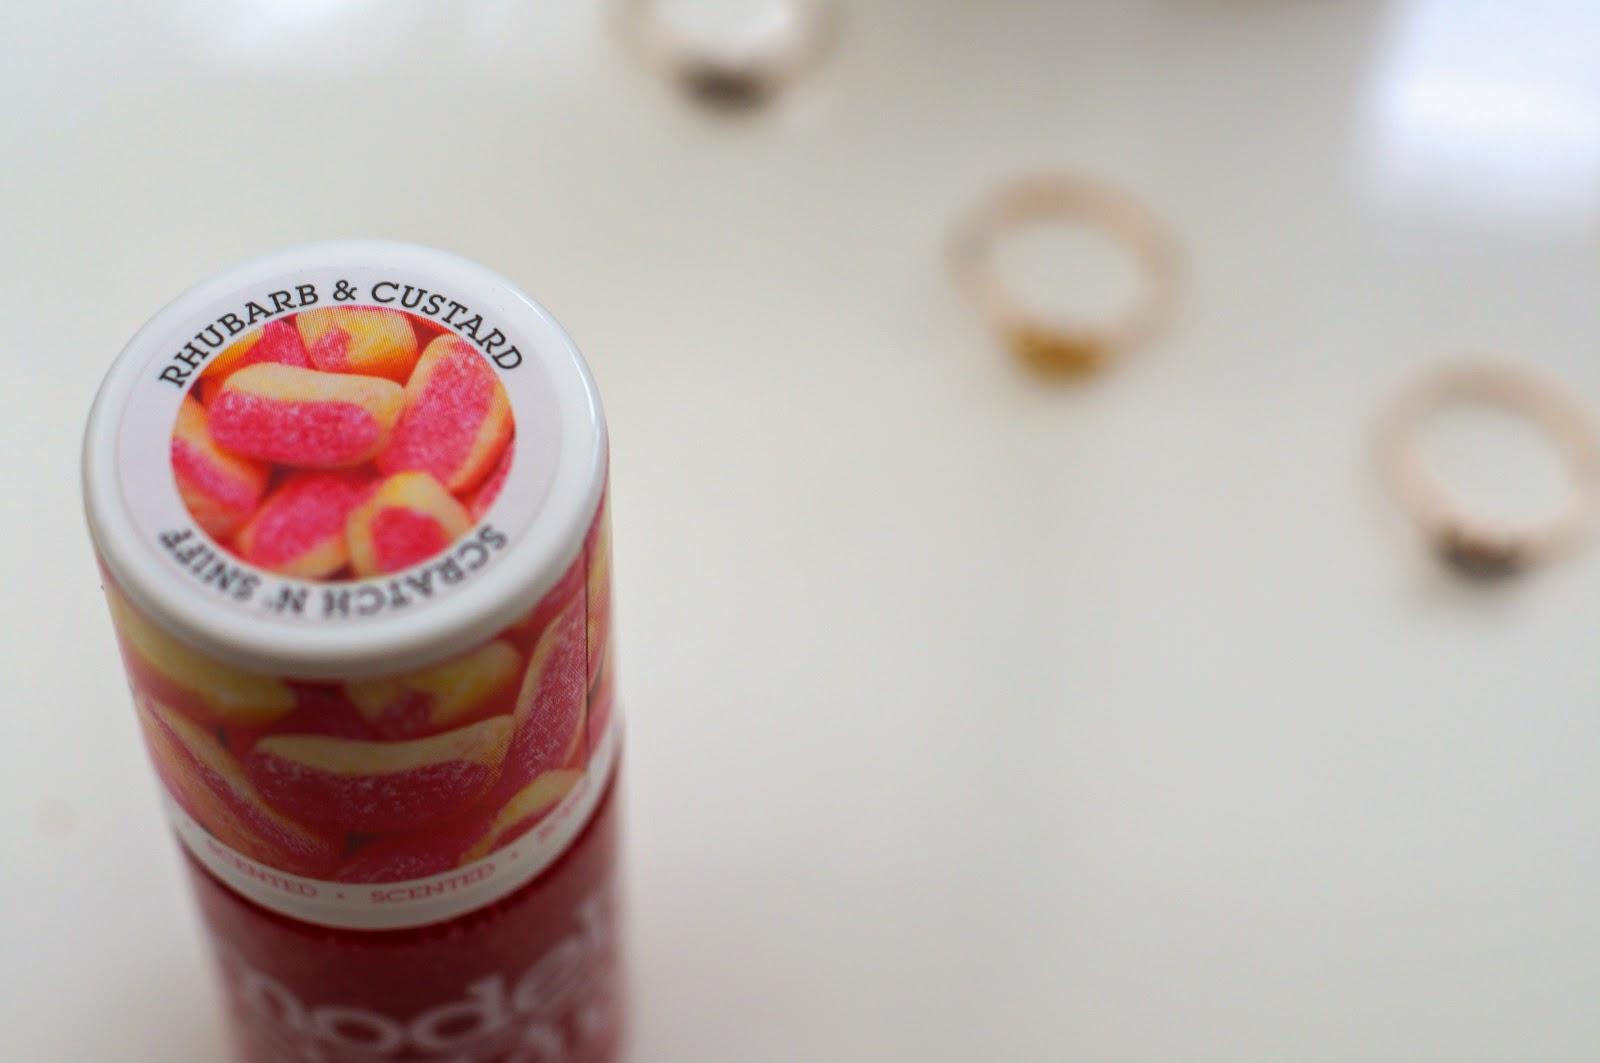 rhubarb and custard models own